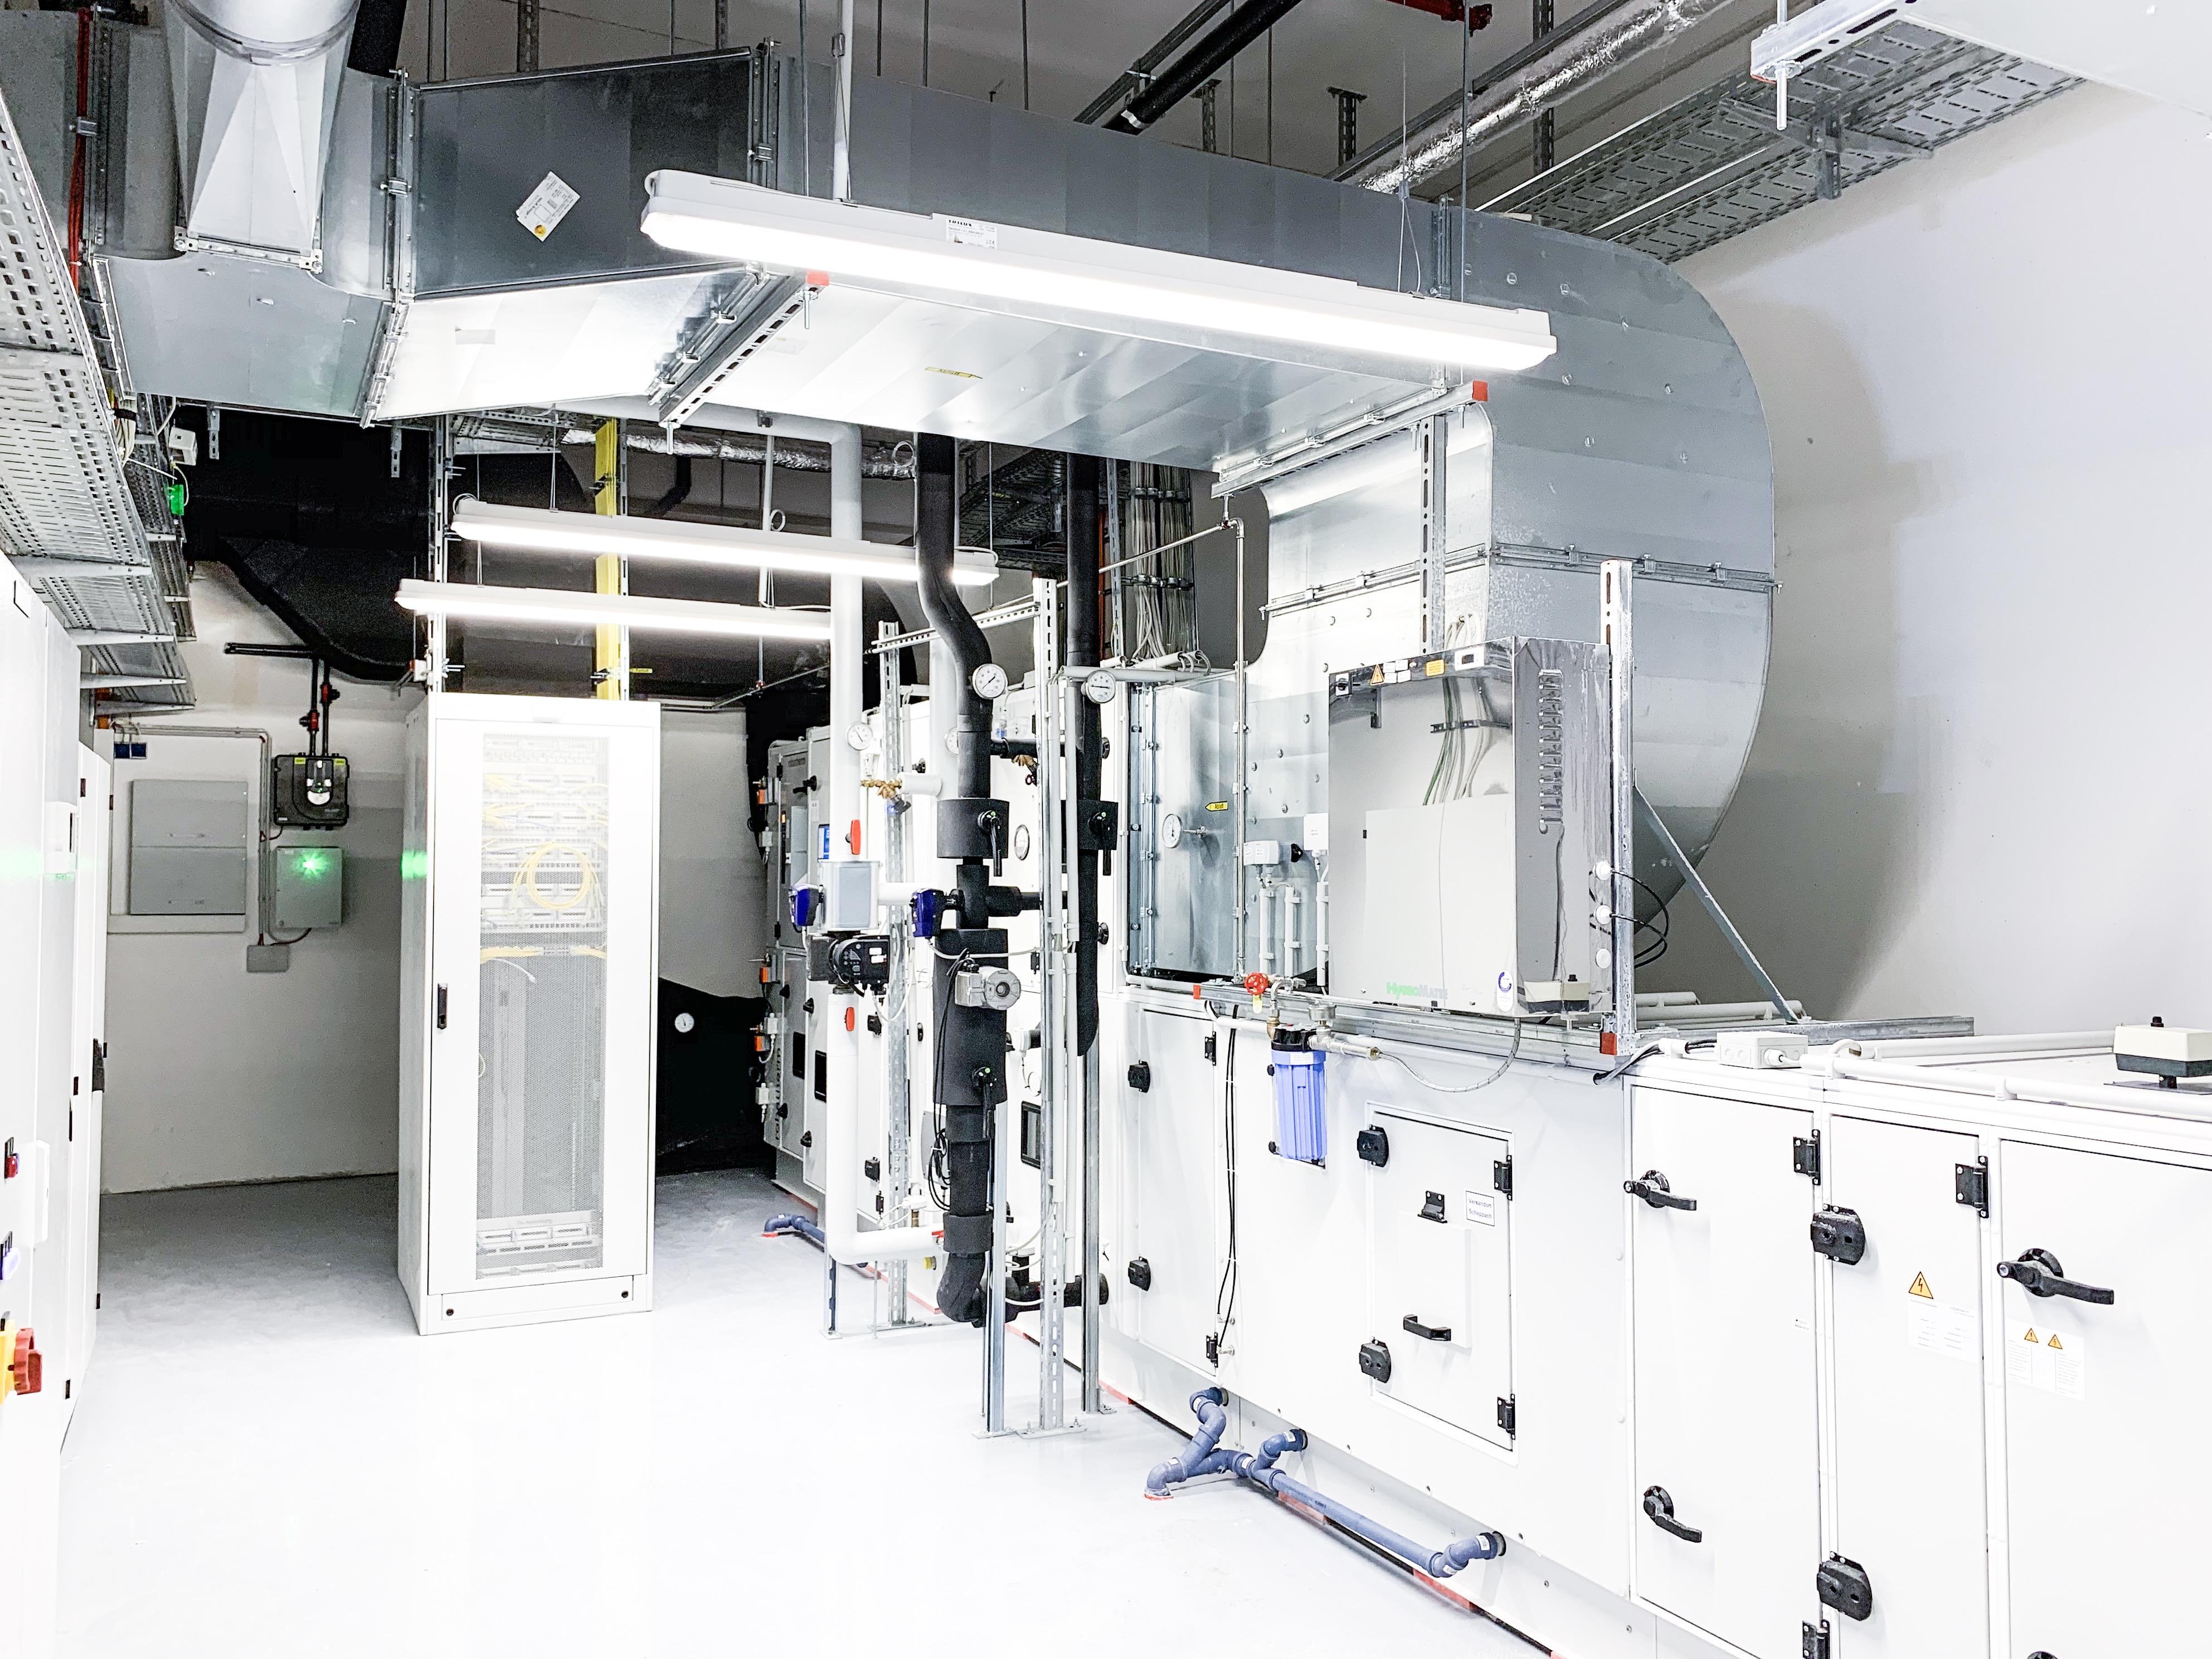 Lüftungsanlage der Multivac Sepp Haggenmüller SE & Co. KG